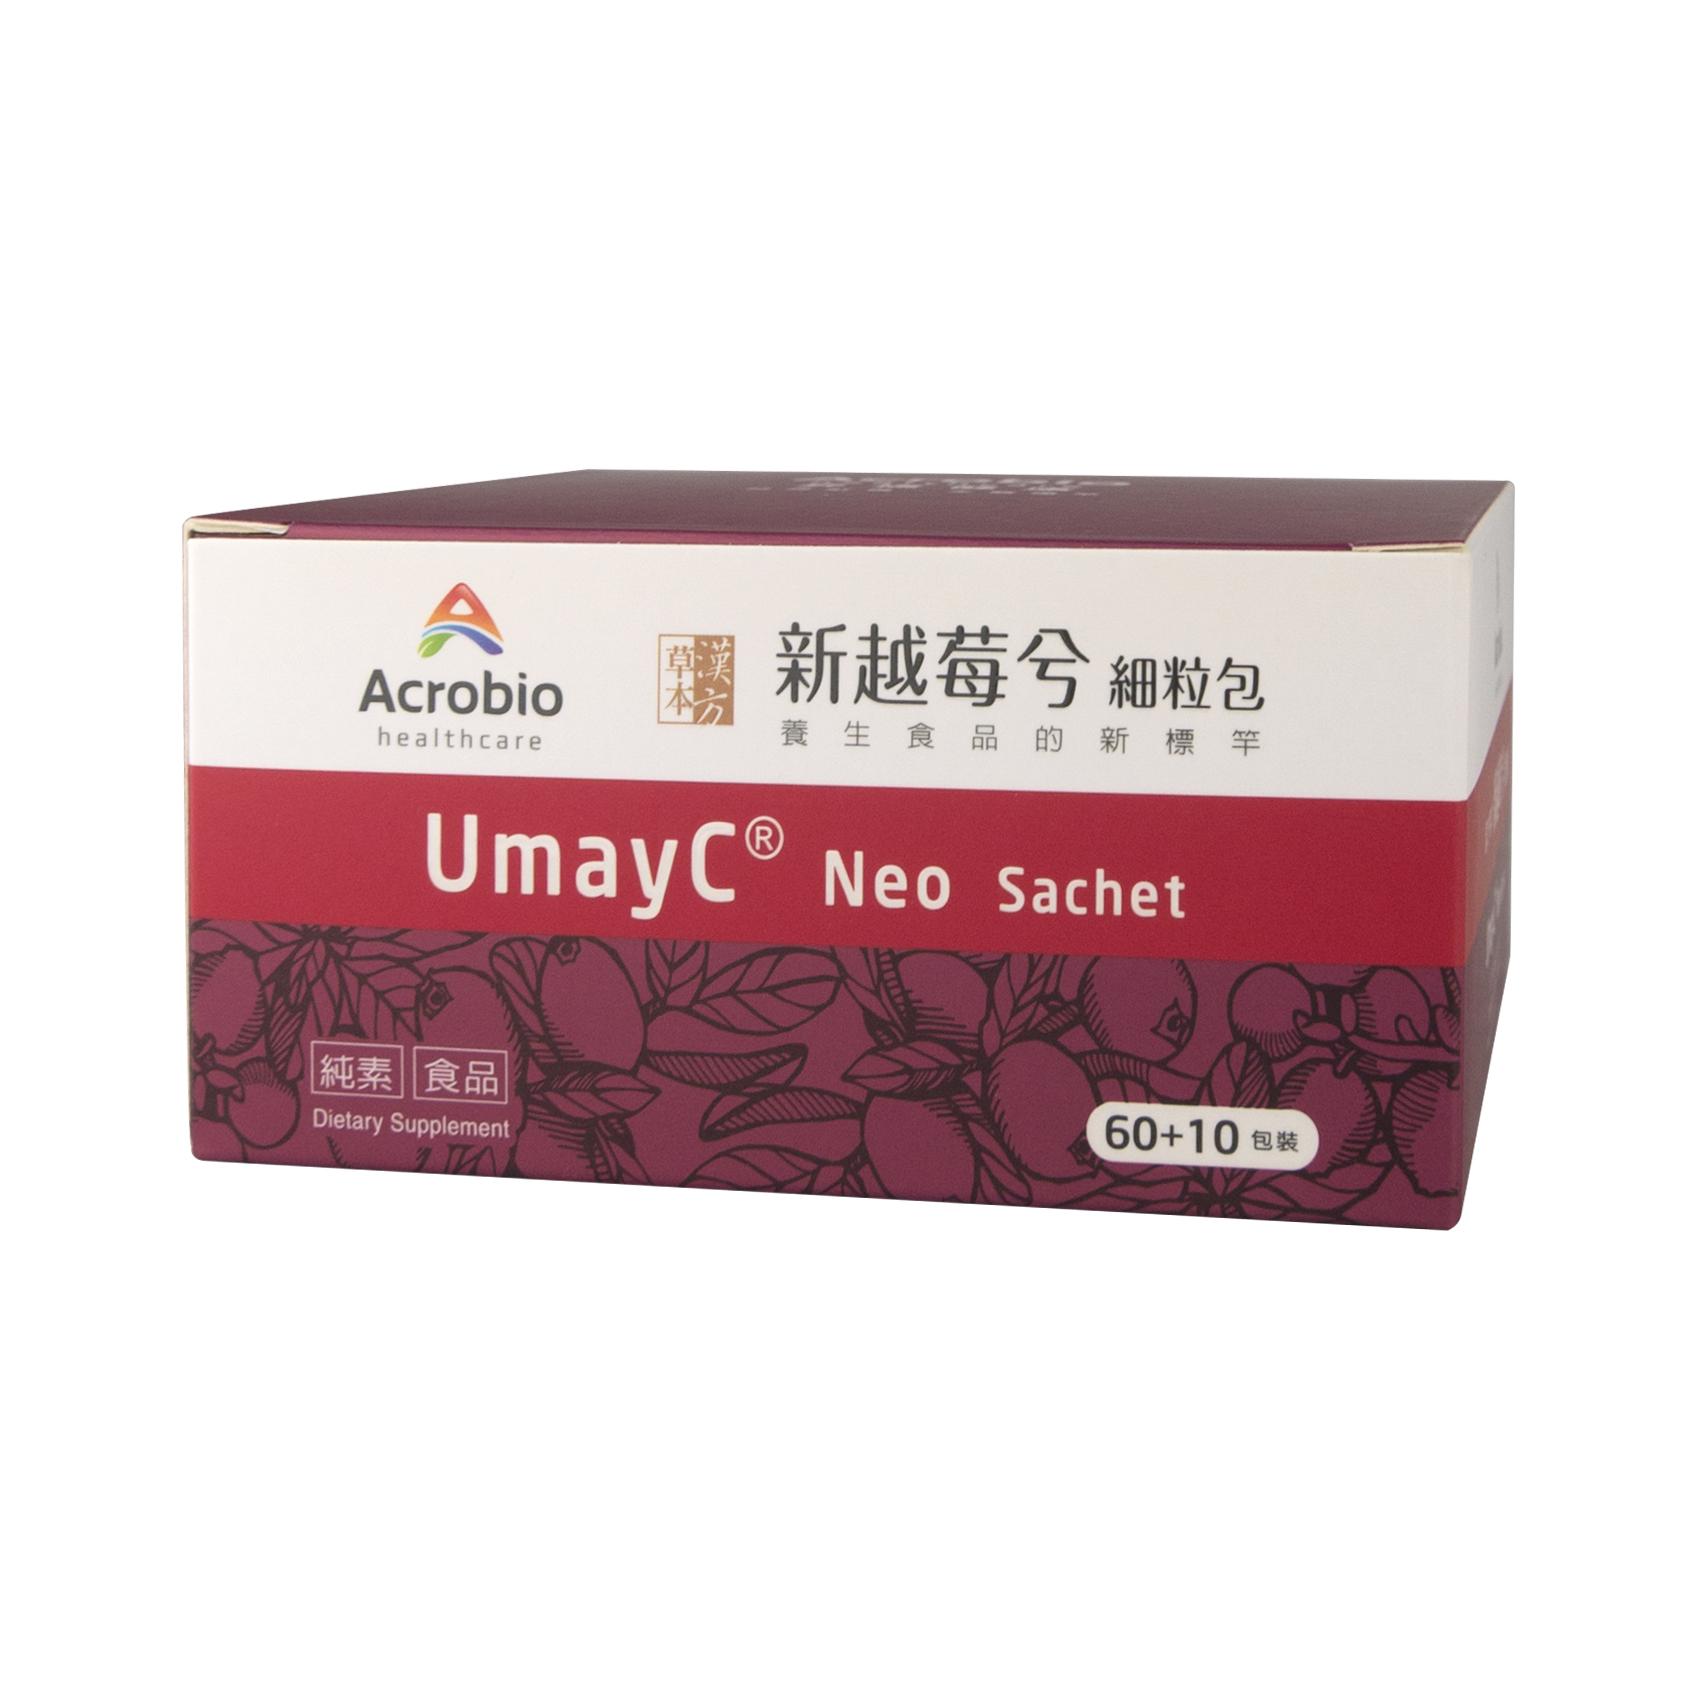 UmayC Neo 新越莓兮細粒包-60包+10包